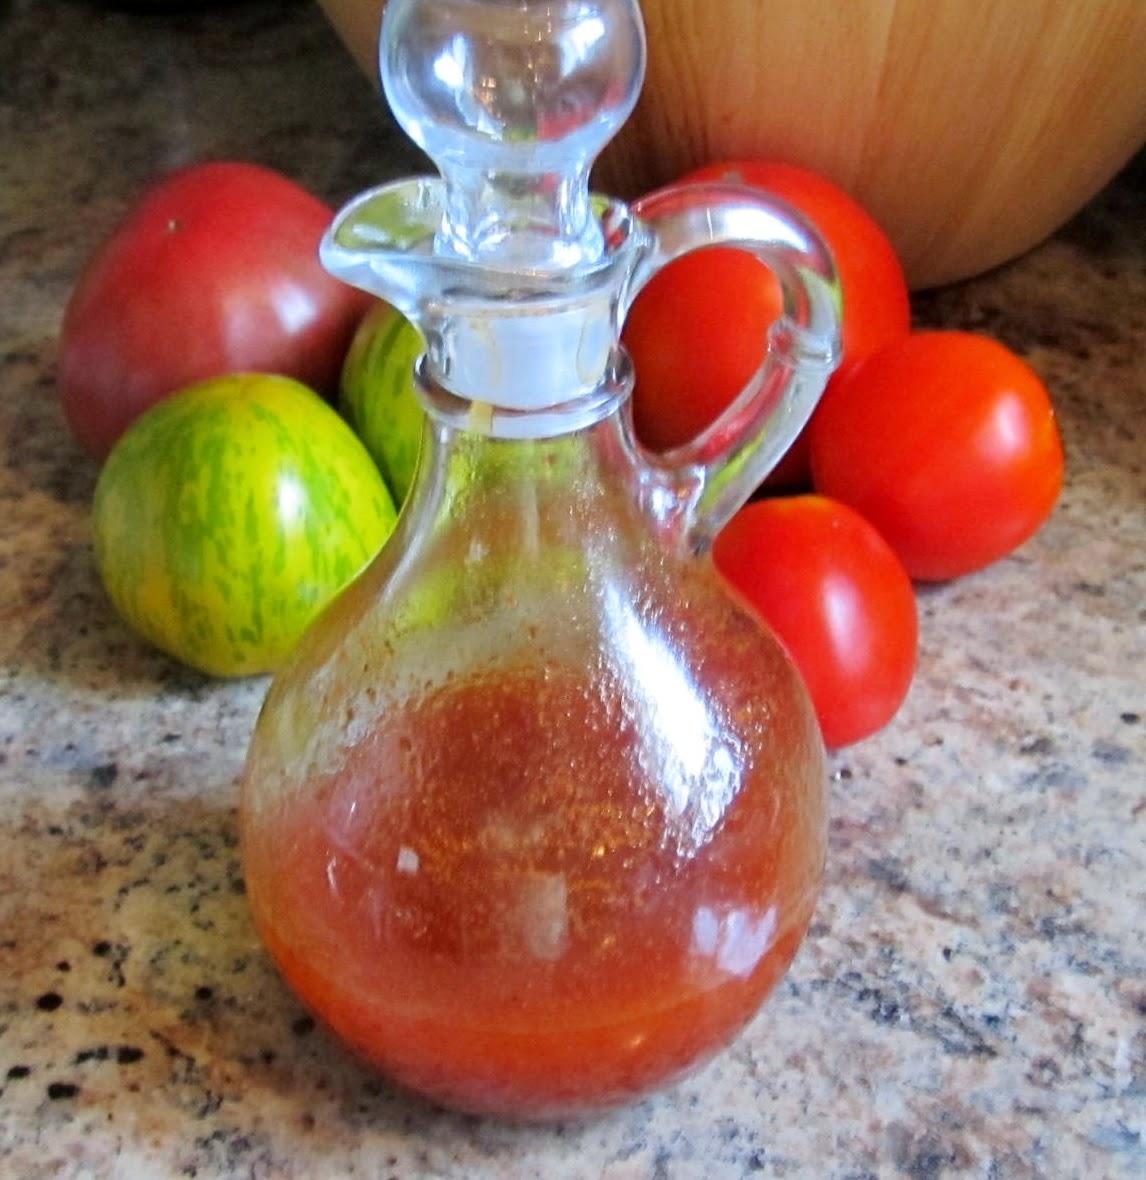 how to make tomatoes less acidic